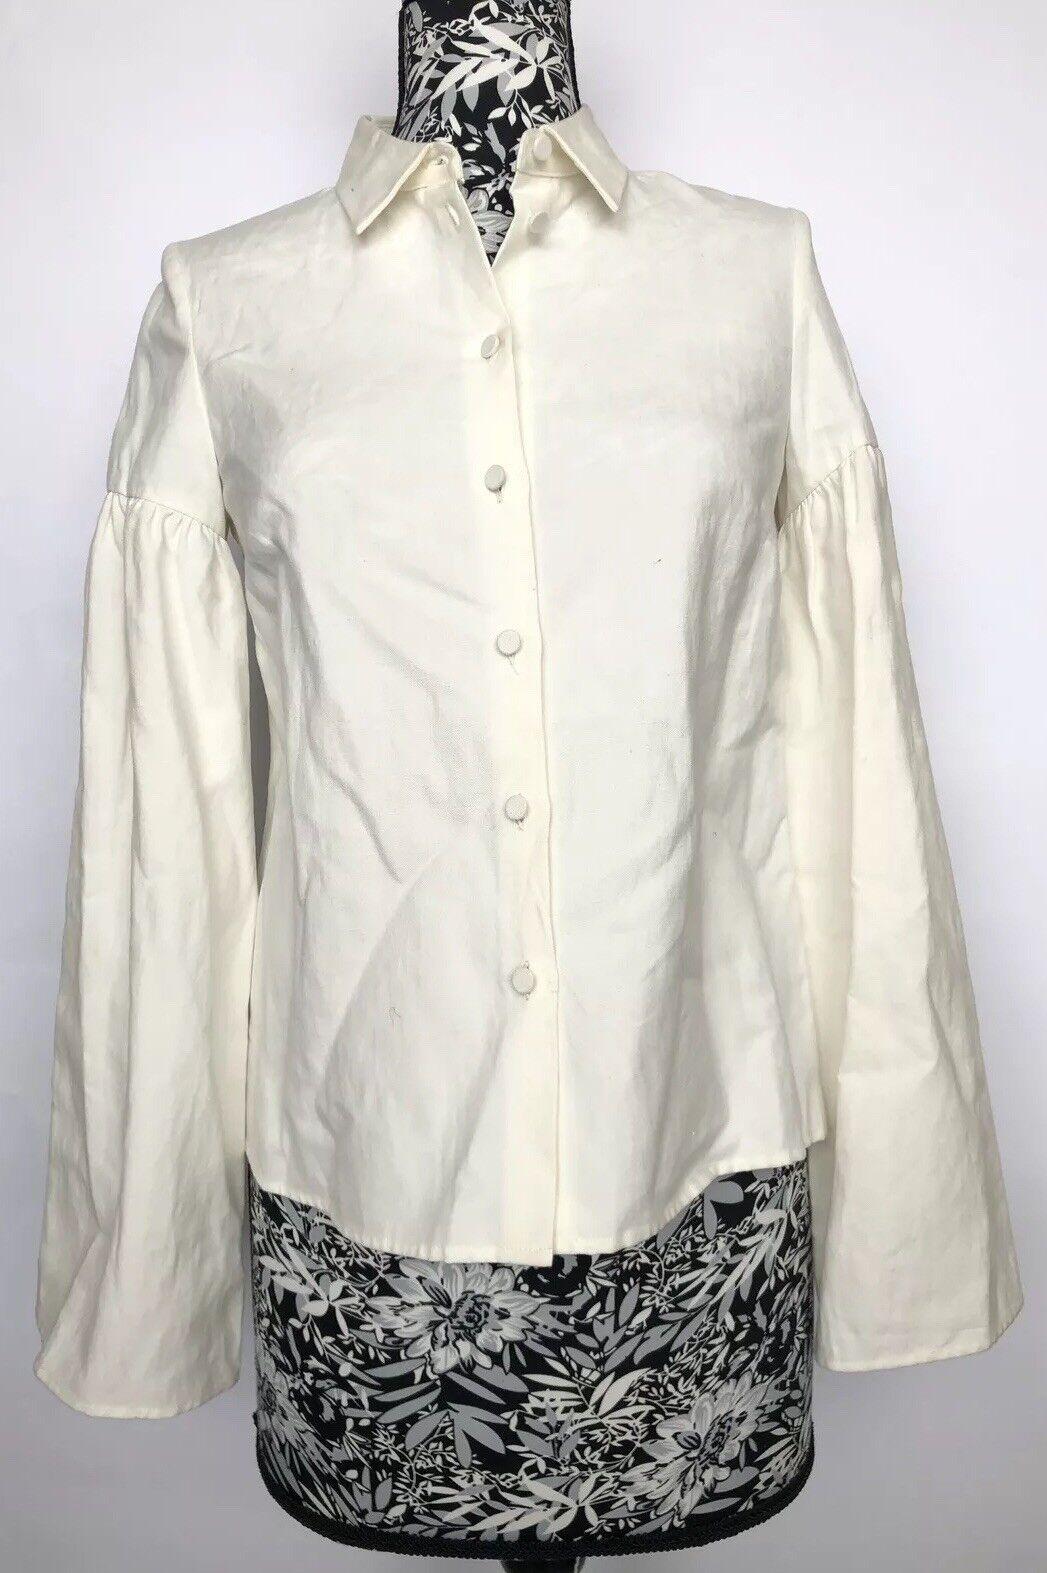 Co damen Shirt Größe S NWT Ivory Linen Cotton